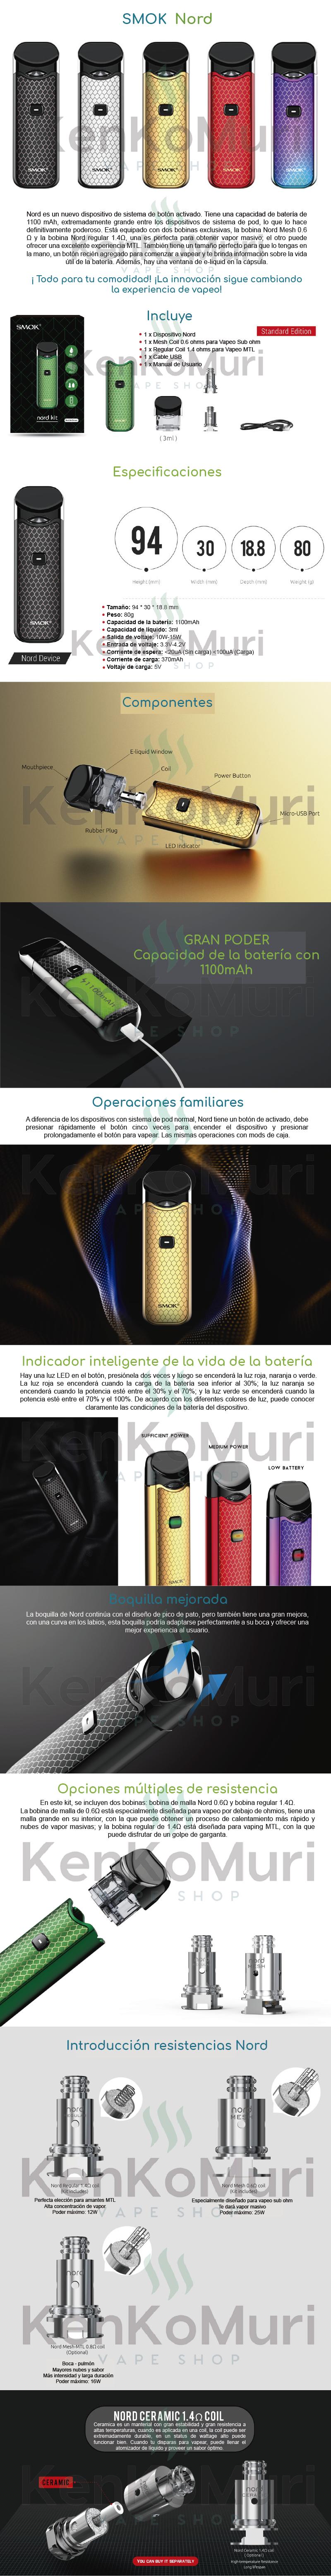 cigarroelectronico-vapeador-smok-nord-mexico-kenkomuri